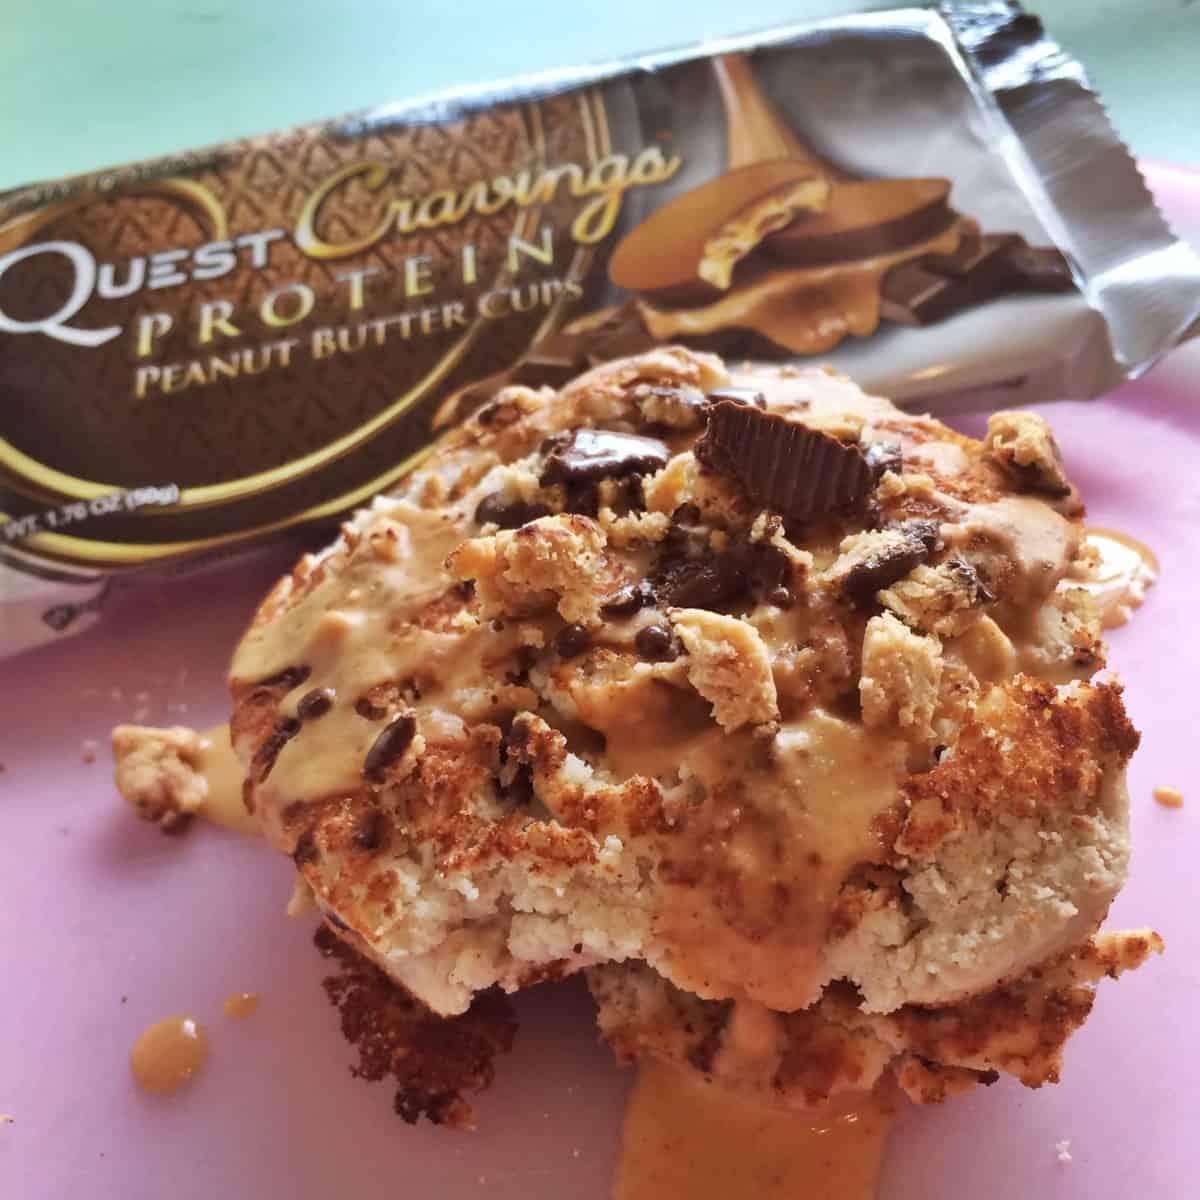 Quest Peanut Butter Cup Pancakes